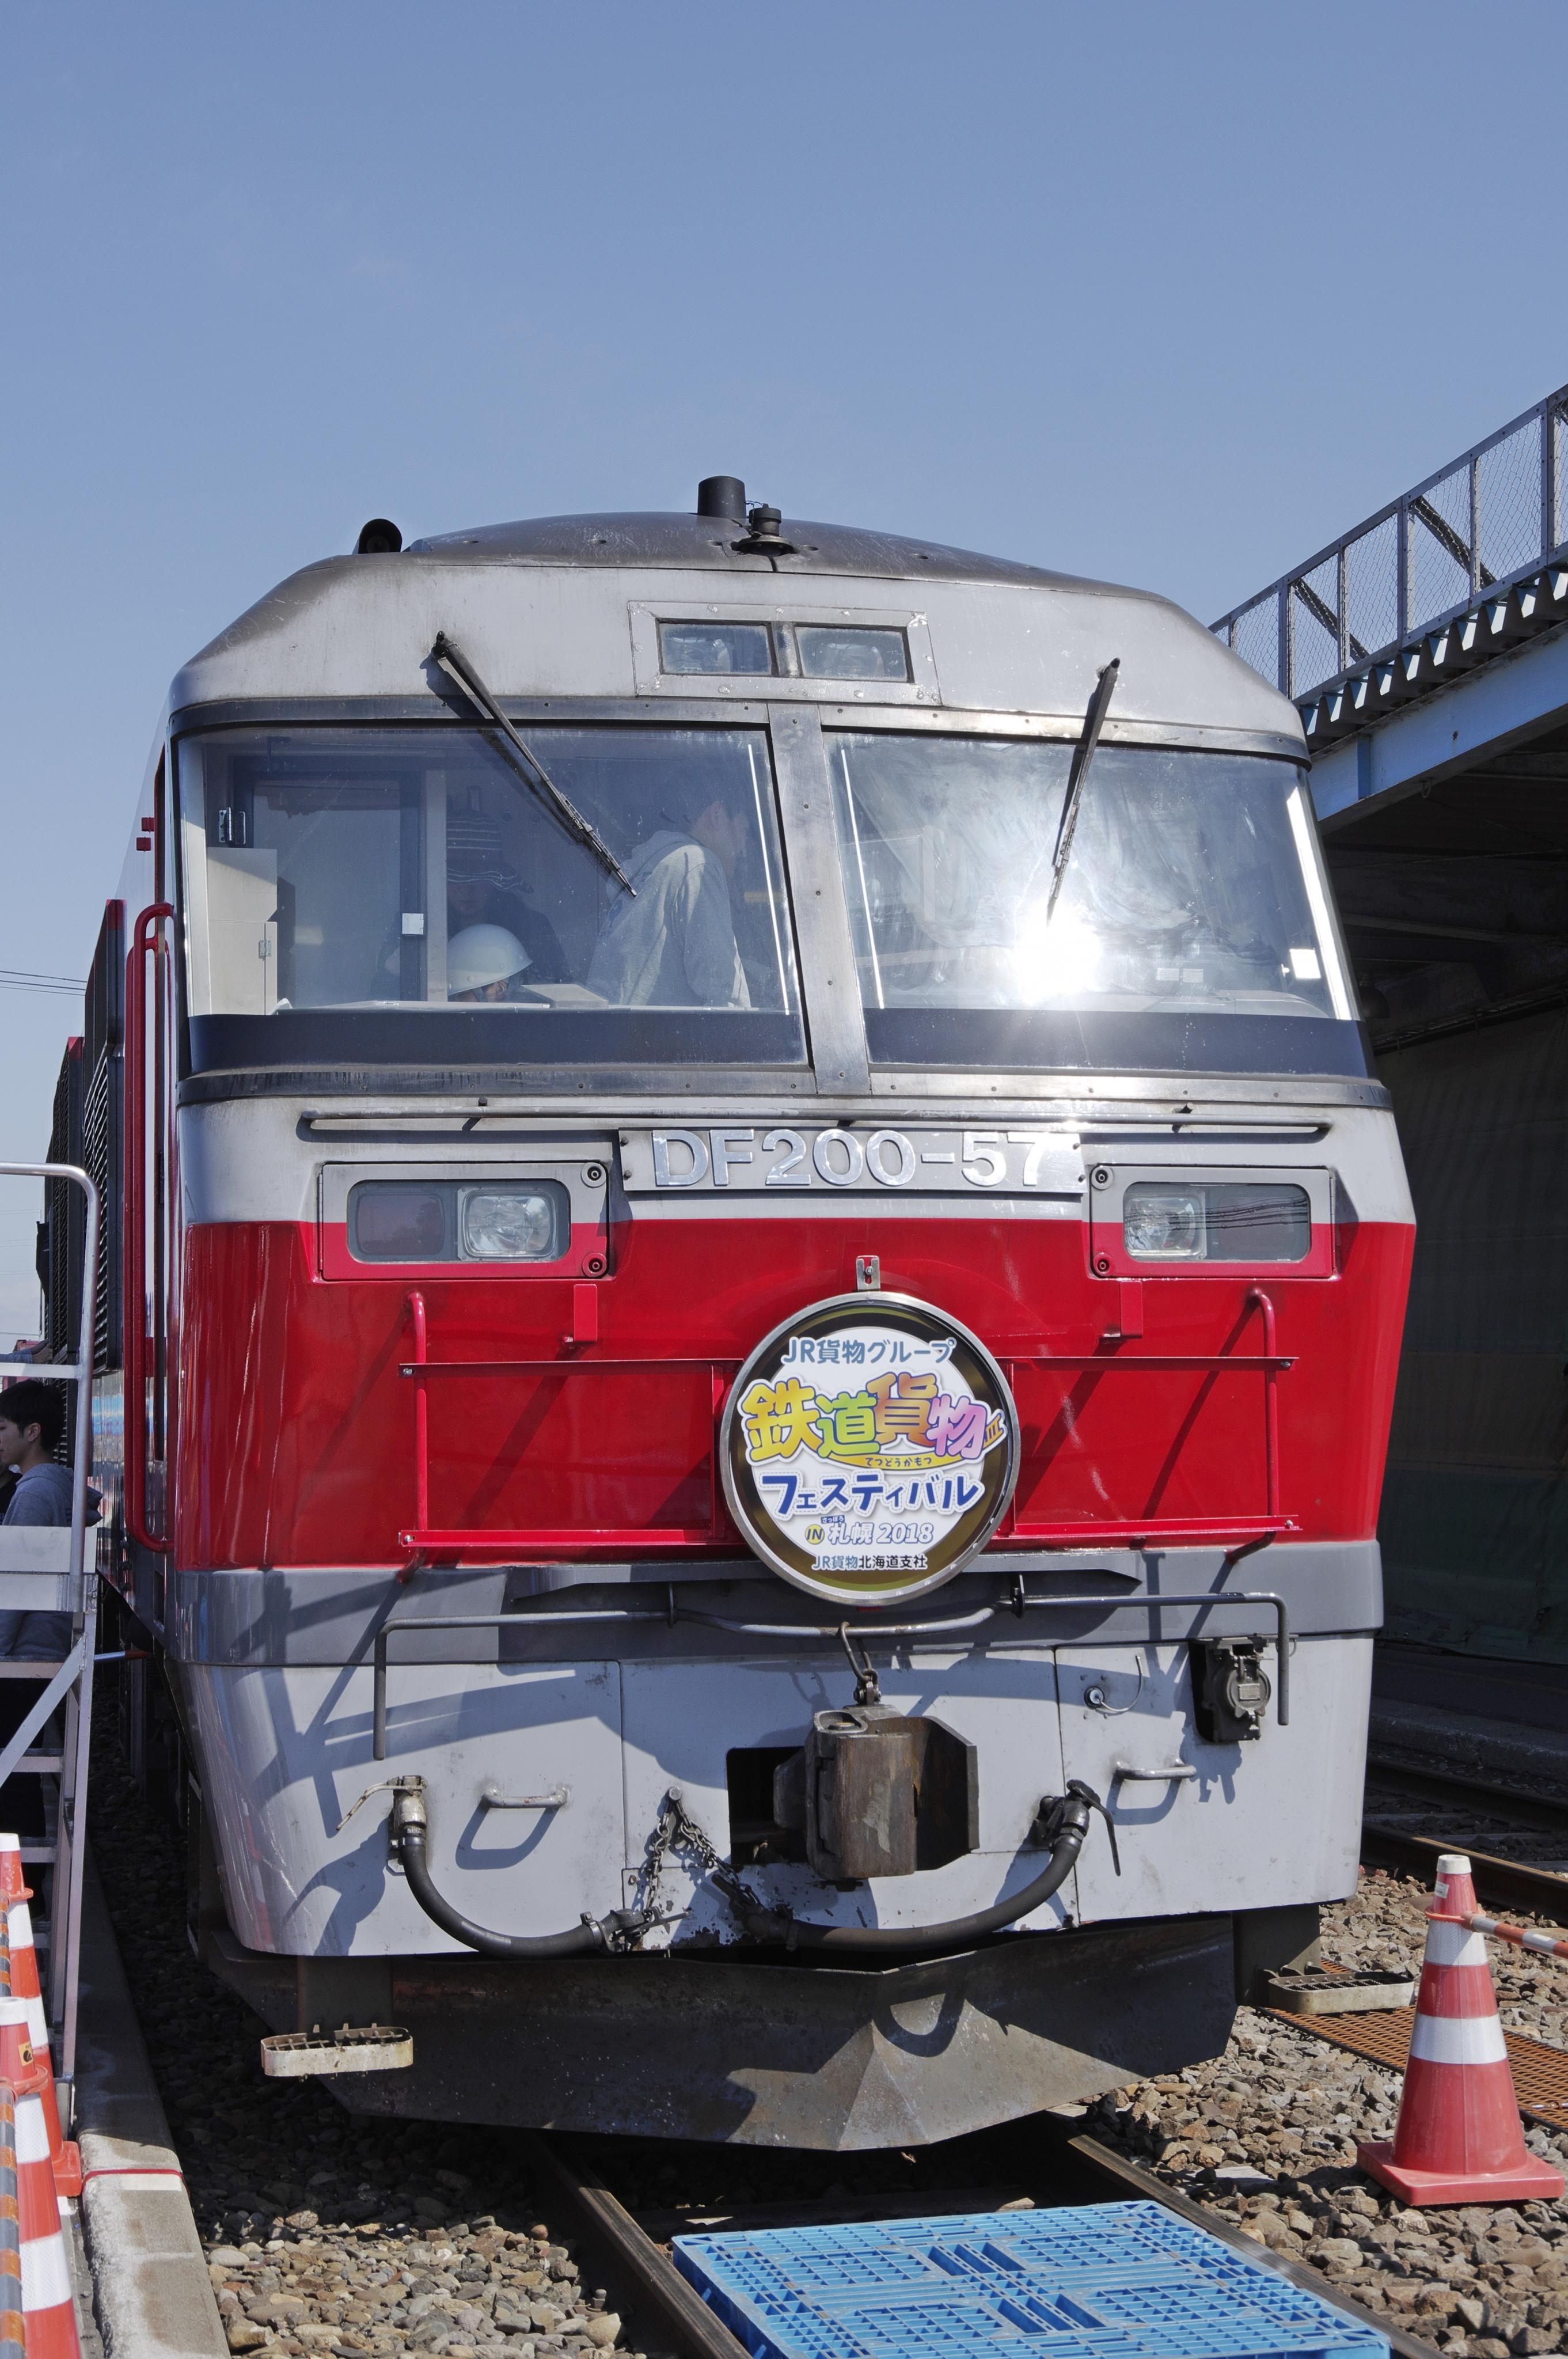 鉄道貨物フェスティバル2018in札幌 DF200-57_180520.jpg